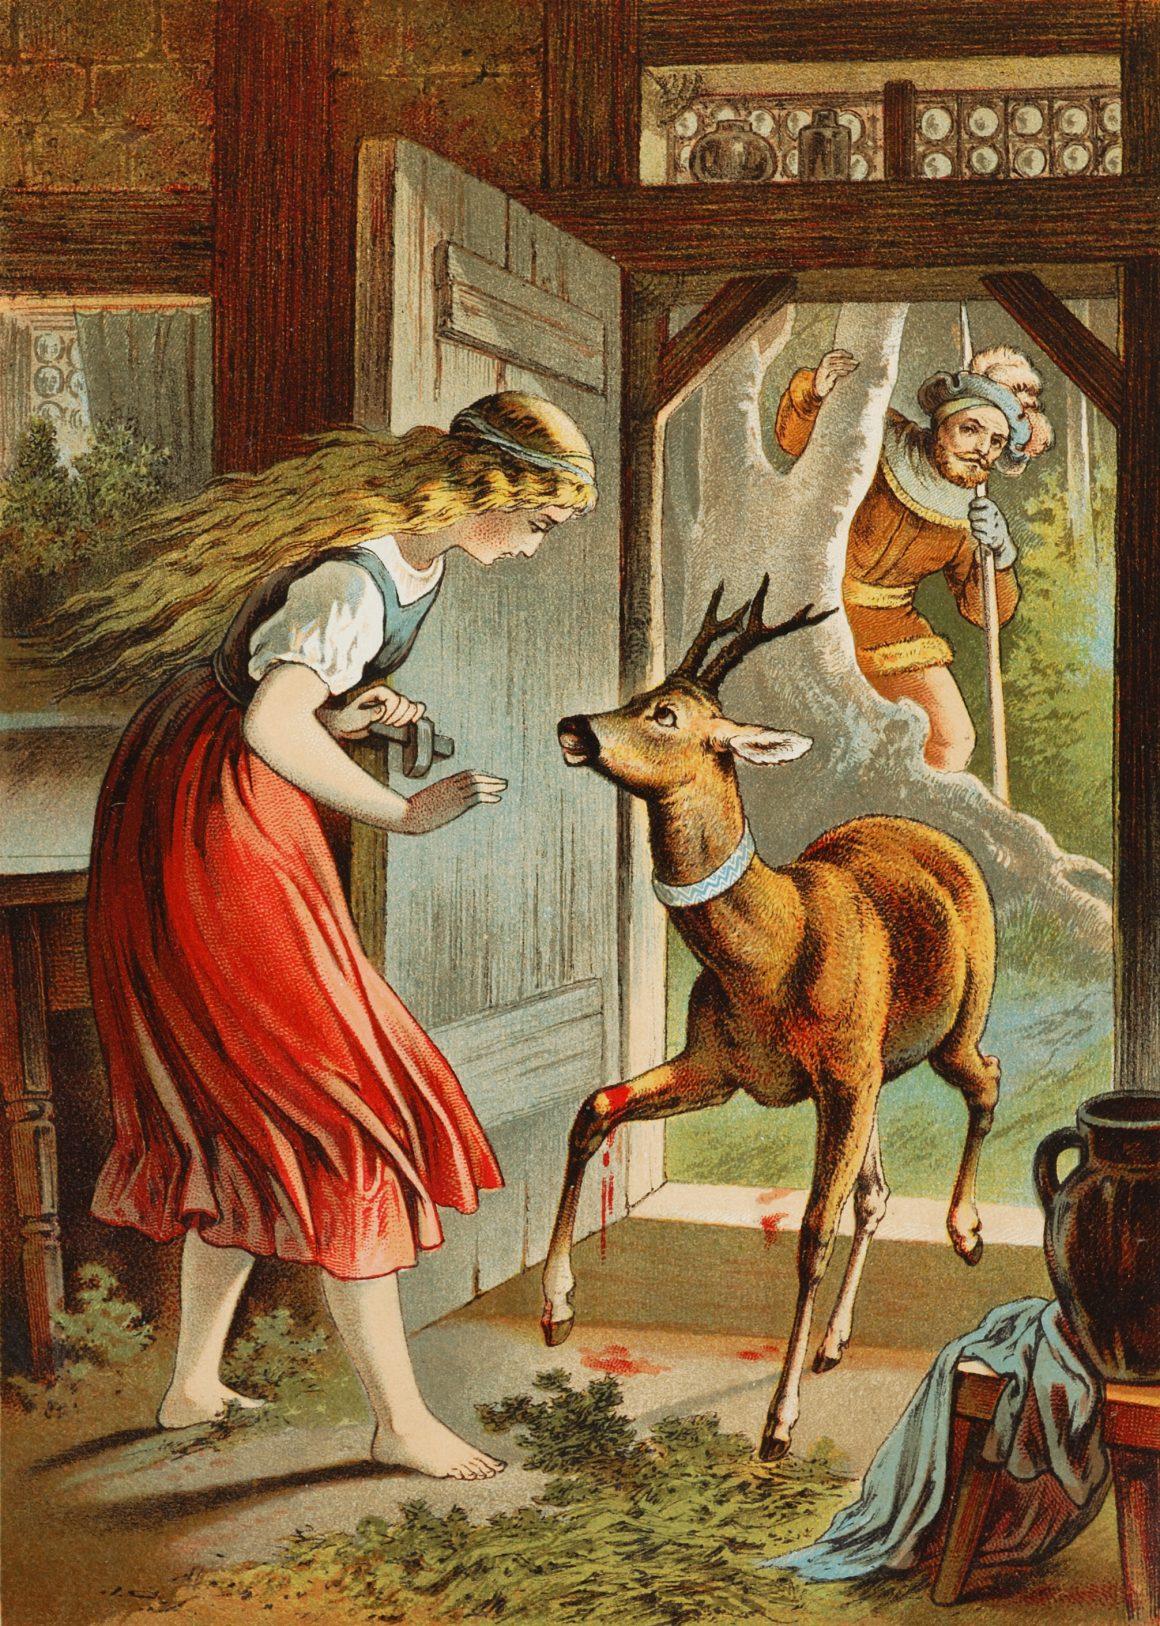 Frérot et soeurette, un conte de Grimm